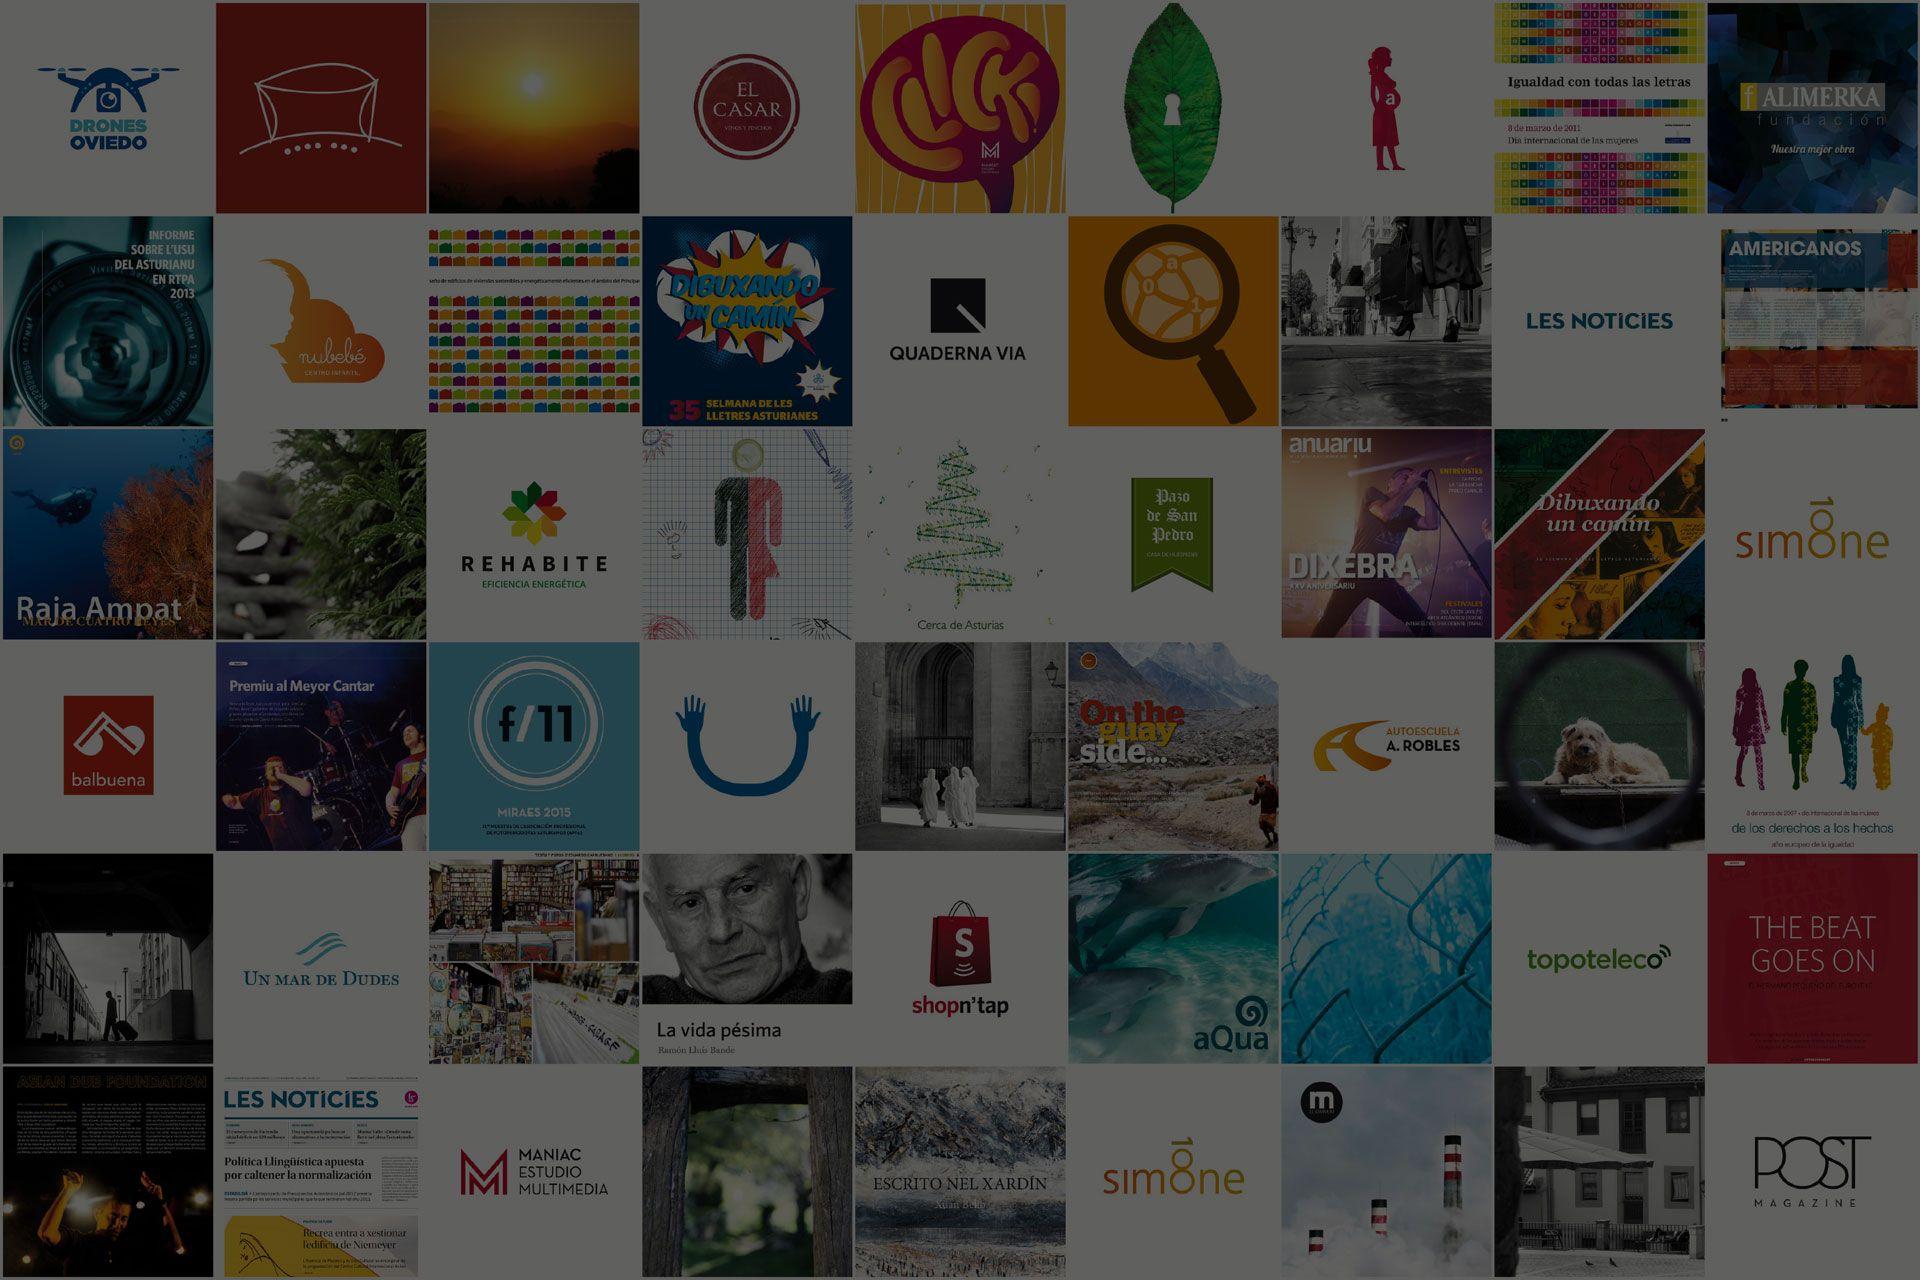 Diseños que huyen del ruido y se centran en el mensaje